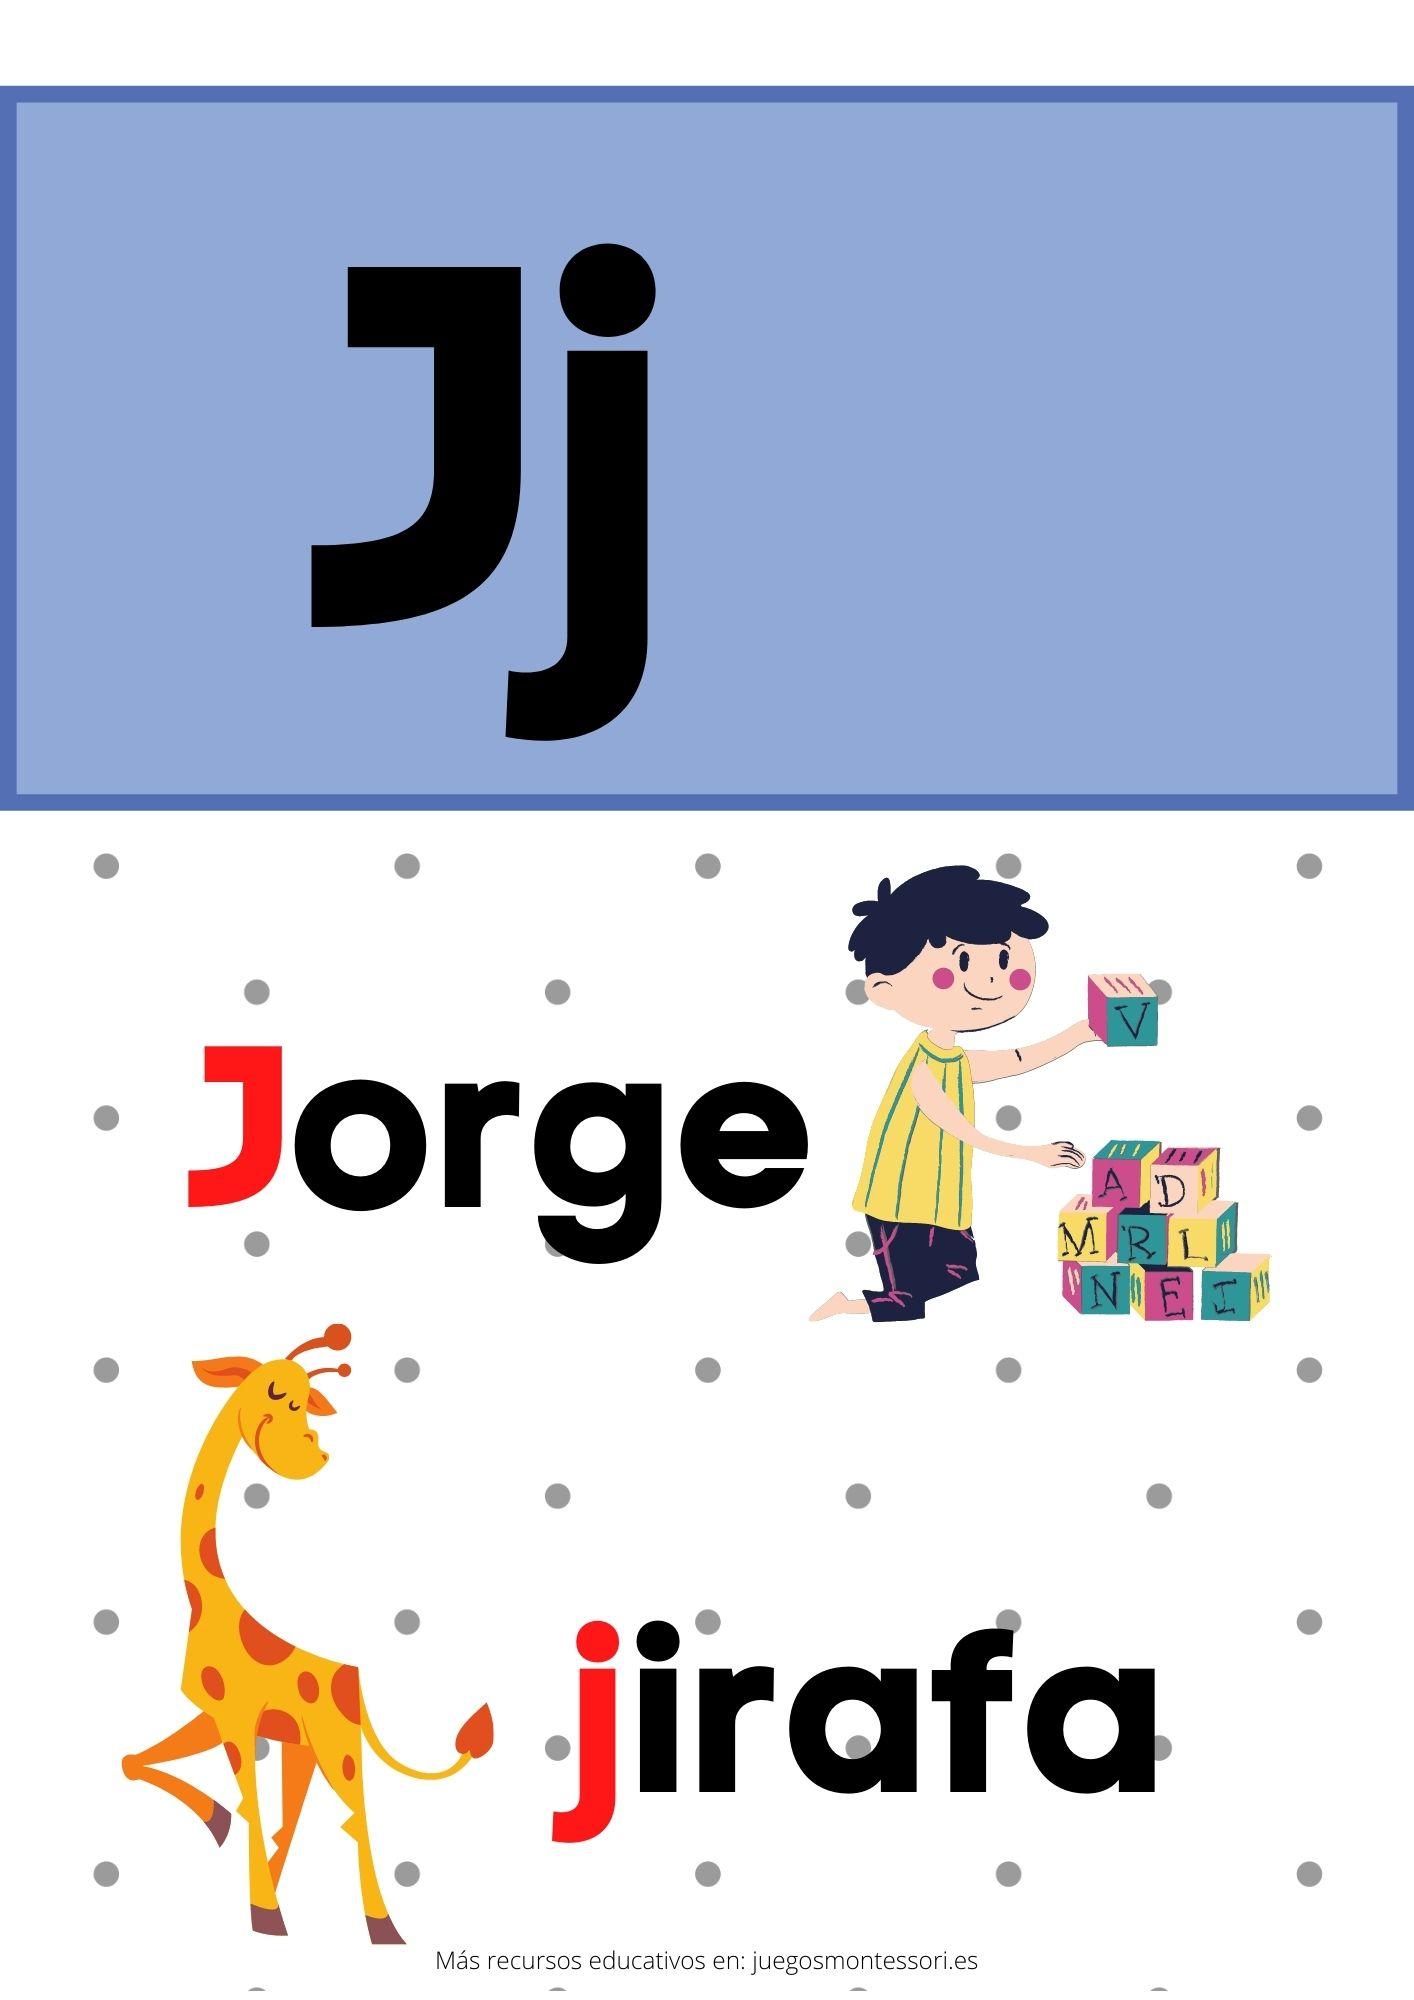 J abecedario letras separadas y grandes